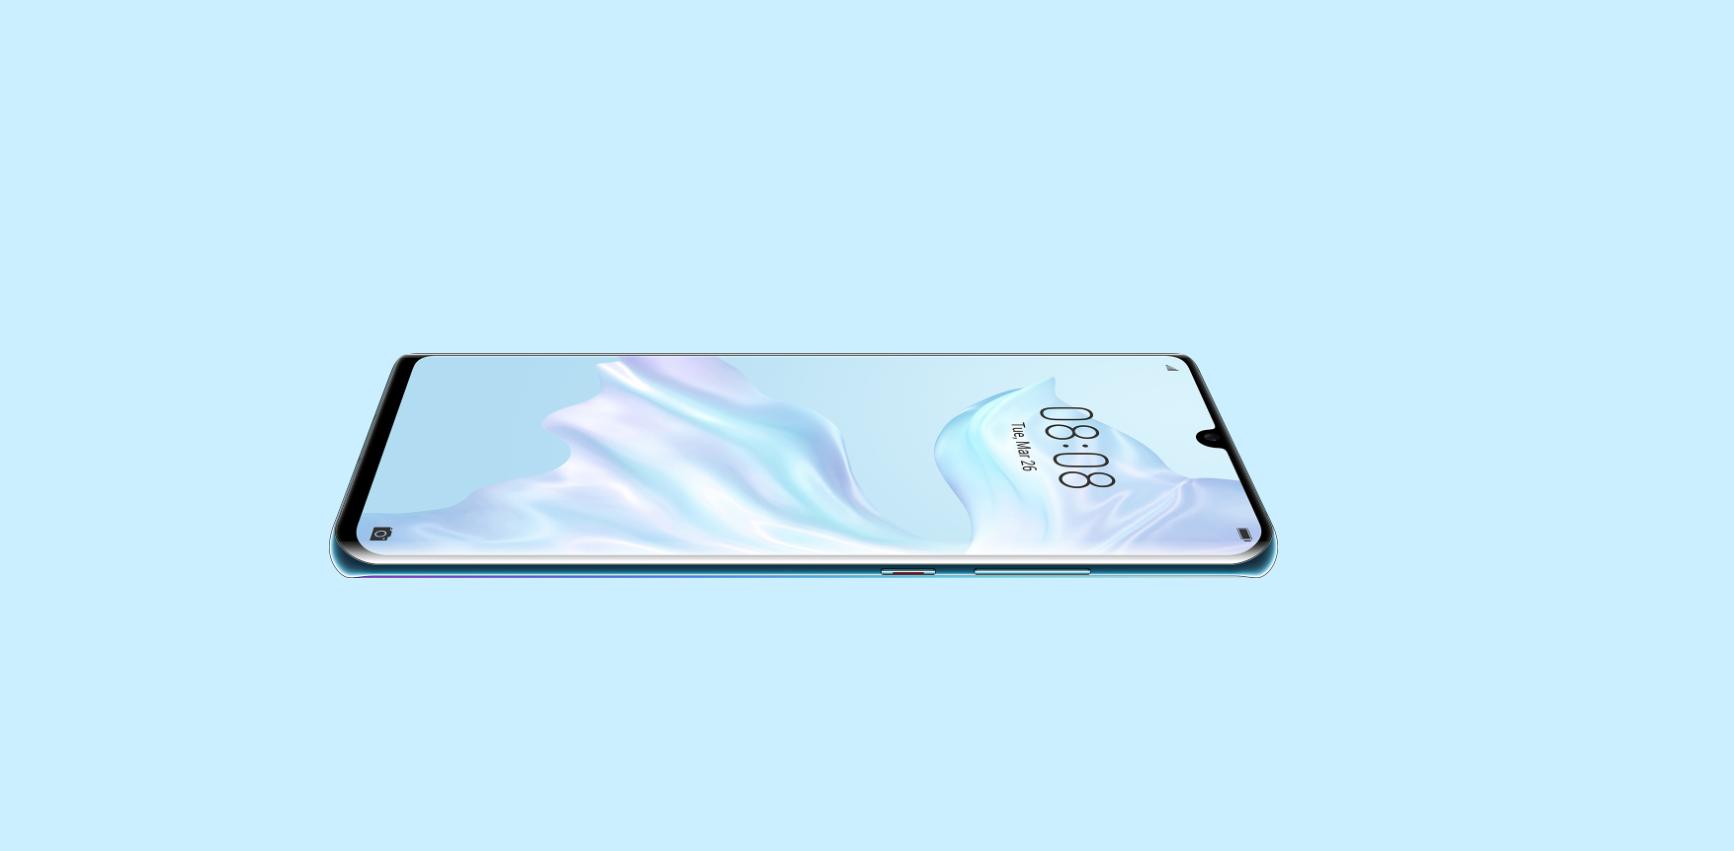 Huaweip30pro